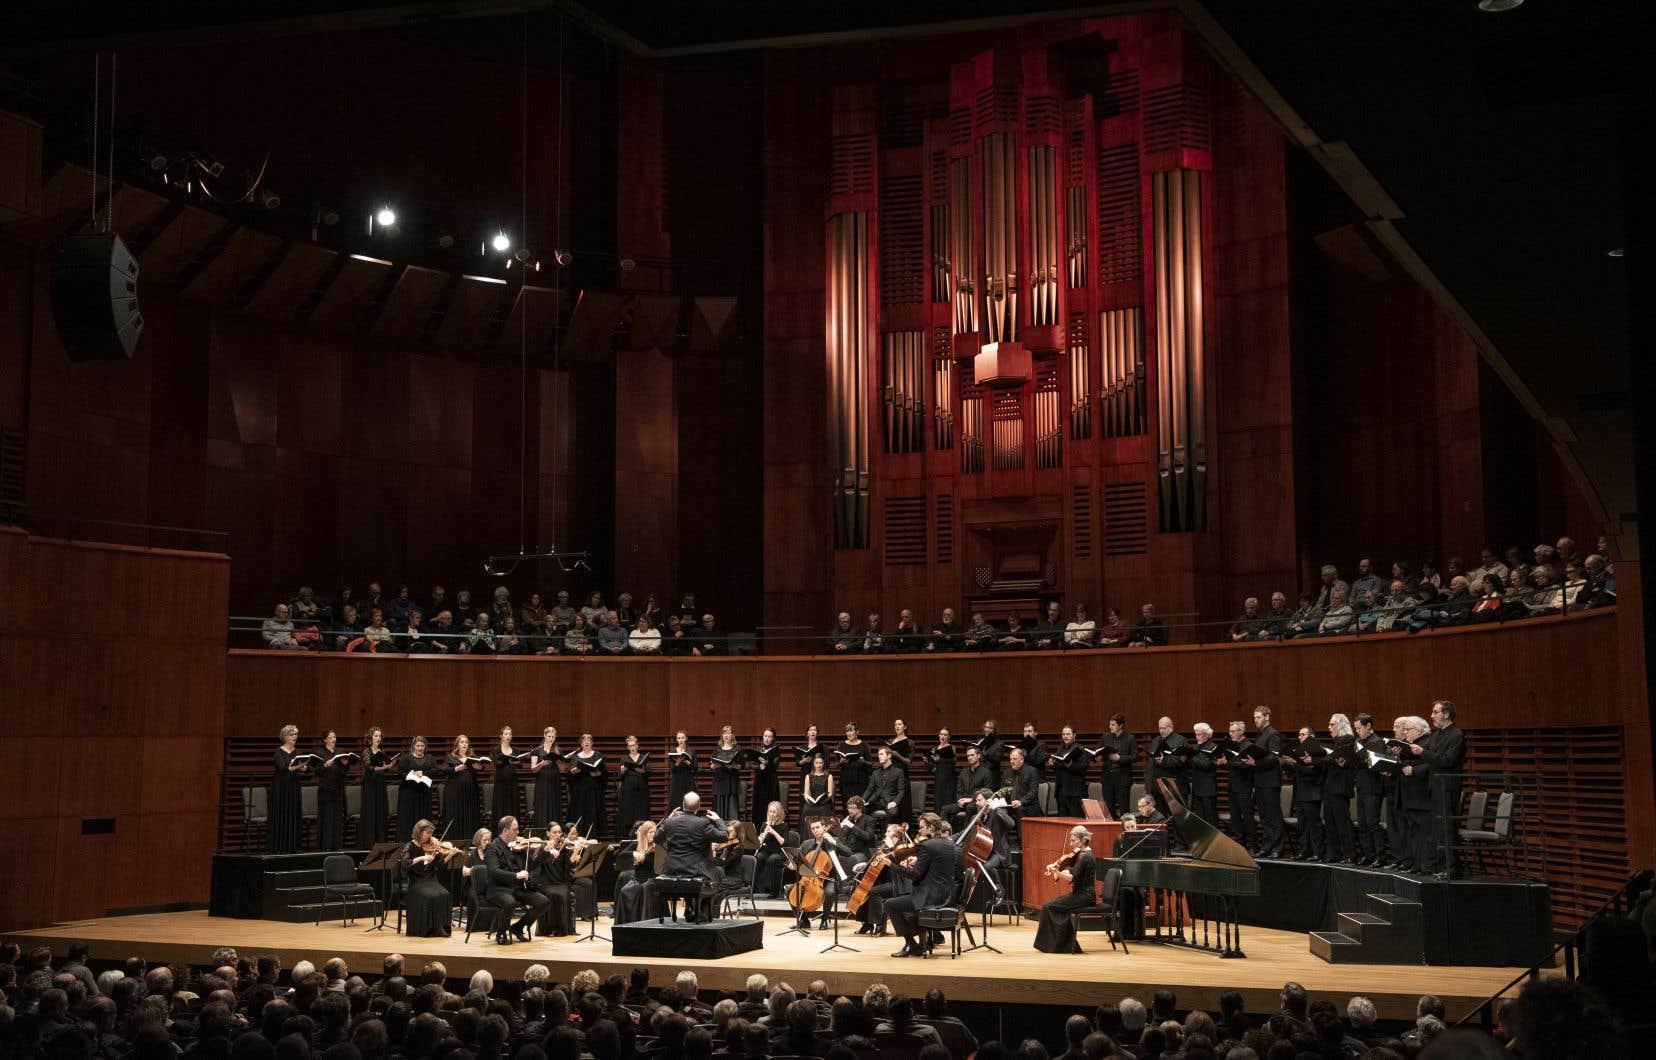 La préméditation interprétative et l'importance accordée à ce concert du «Messie» de Händel dépassaient de très loin les normes habituelles.